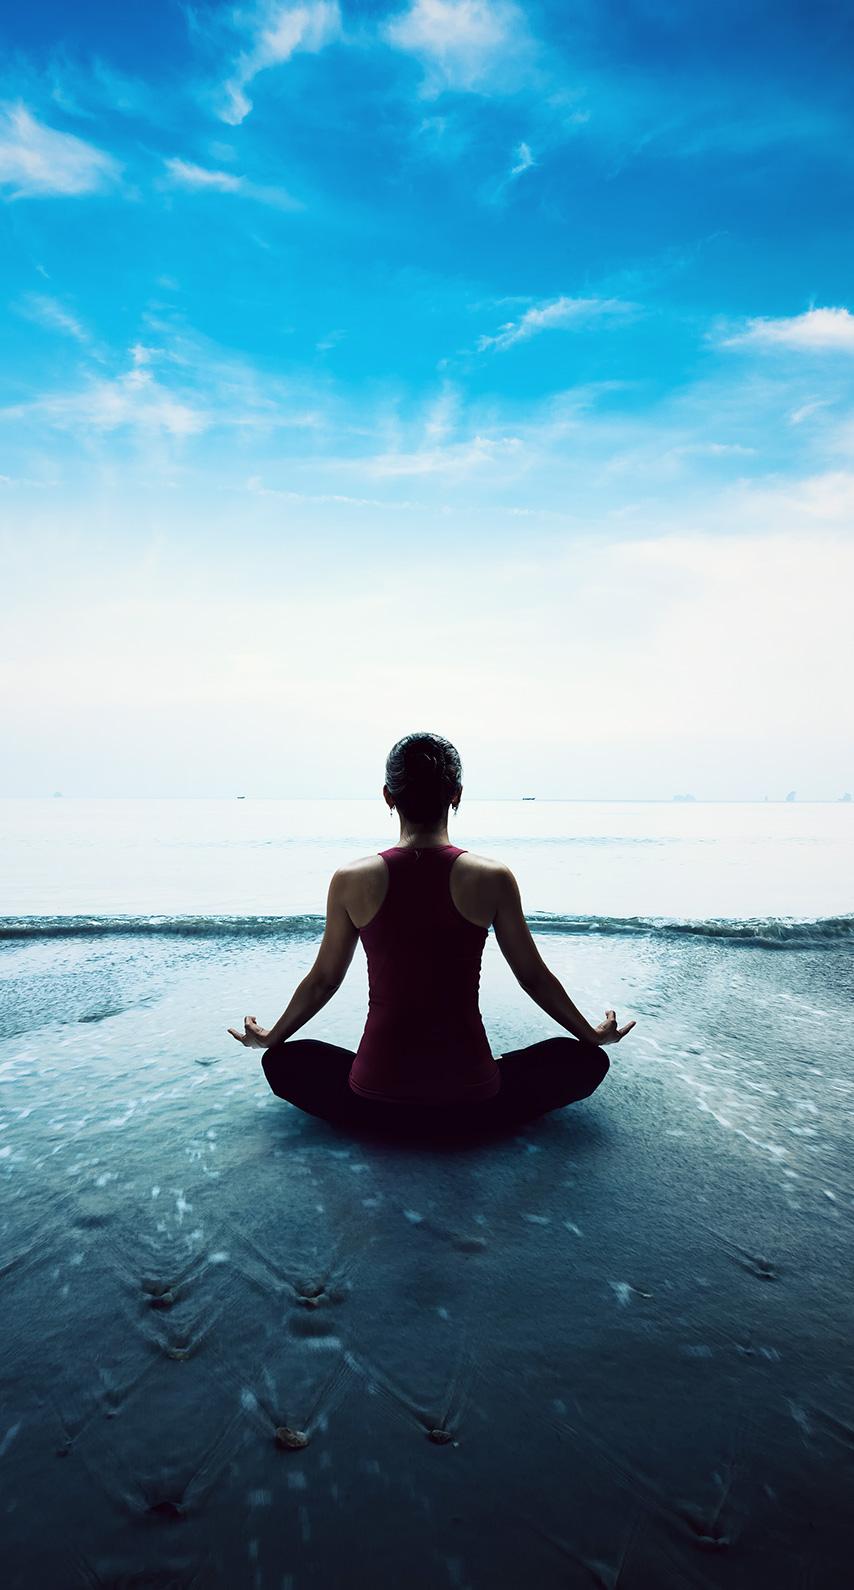 meditation, surfboarding